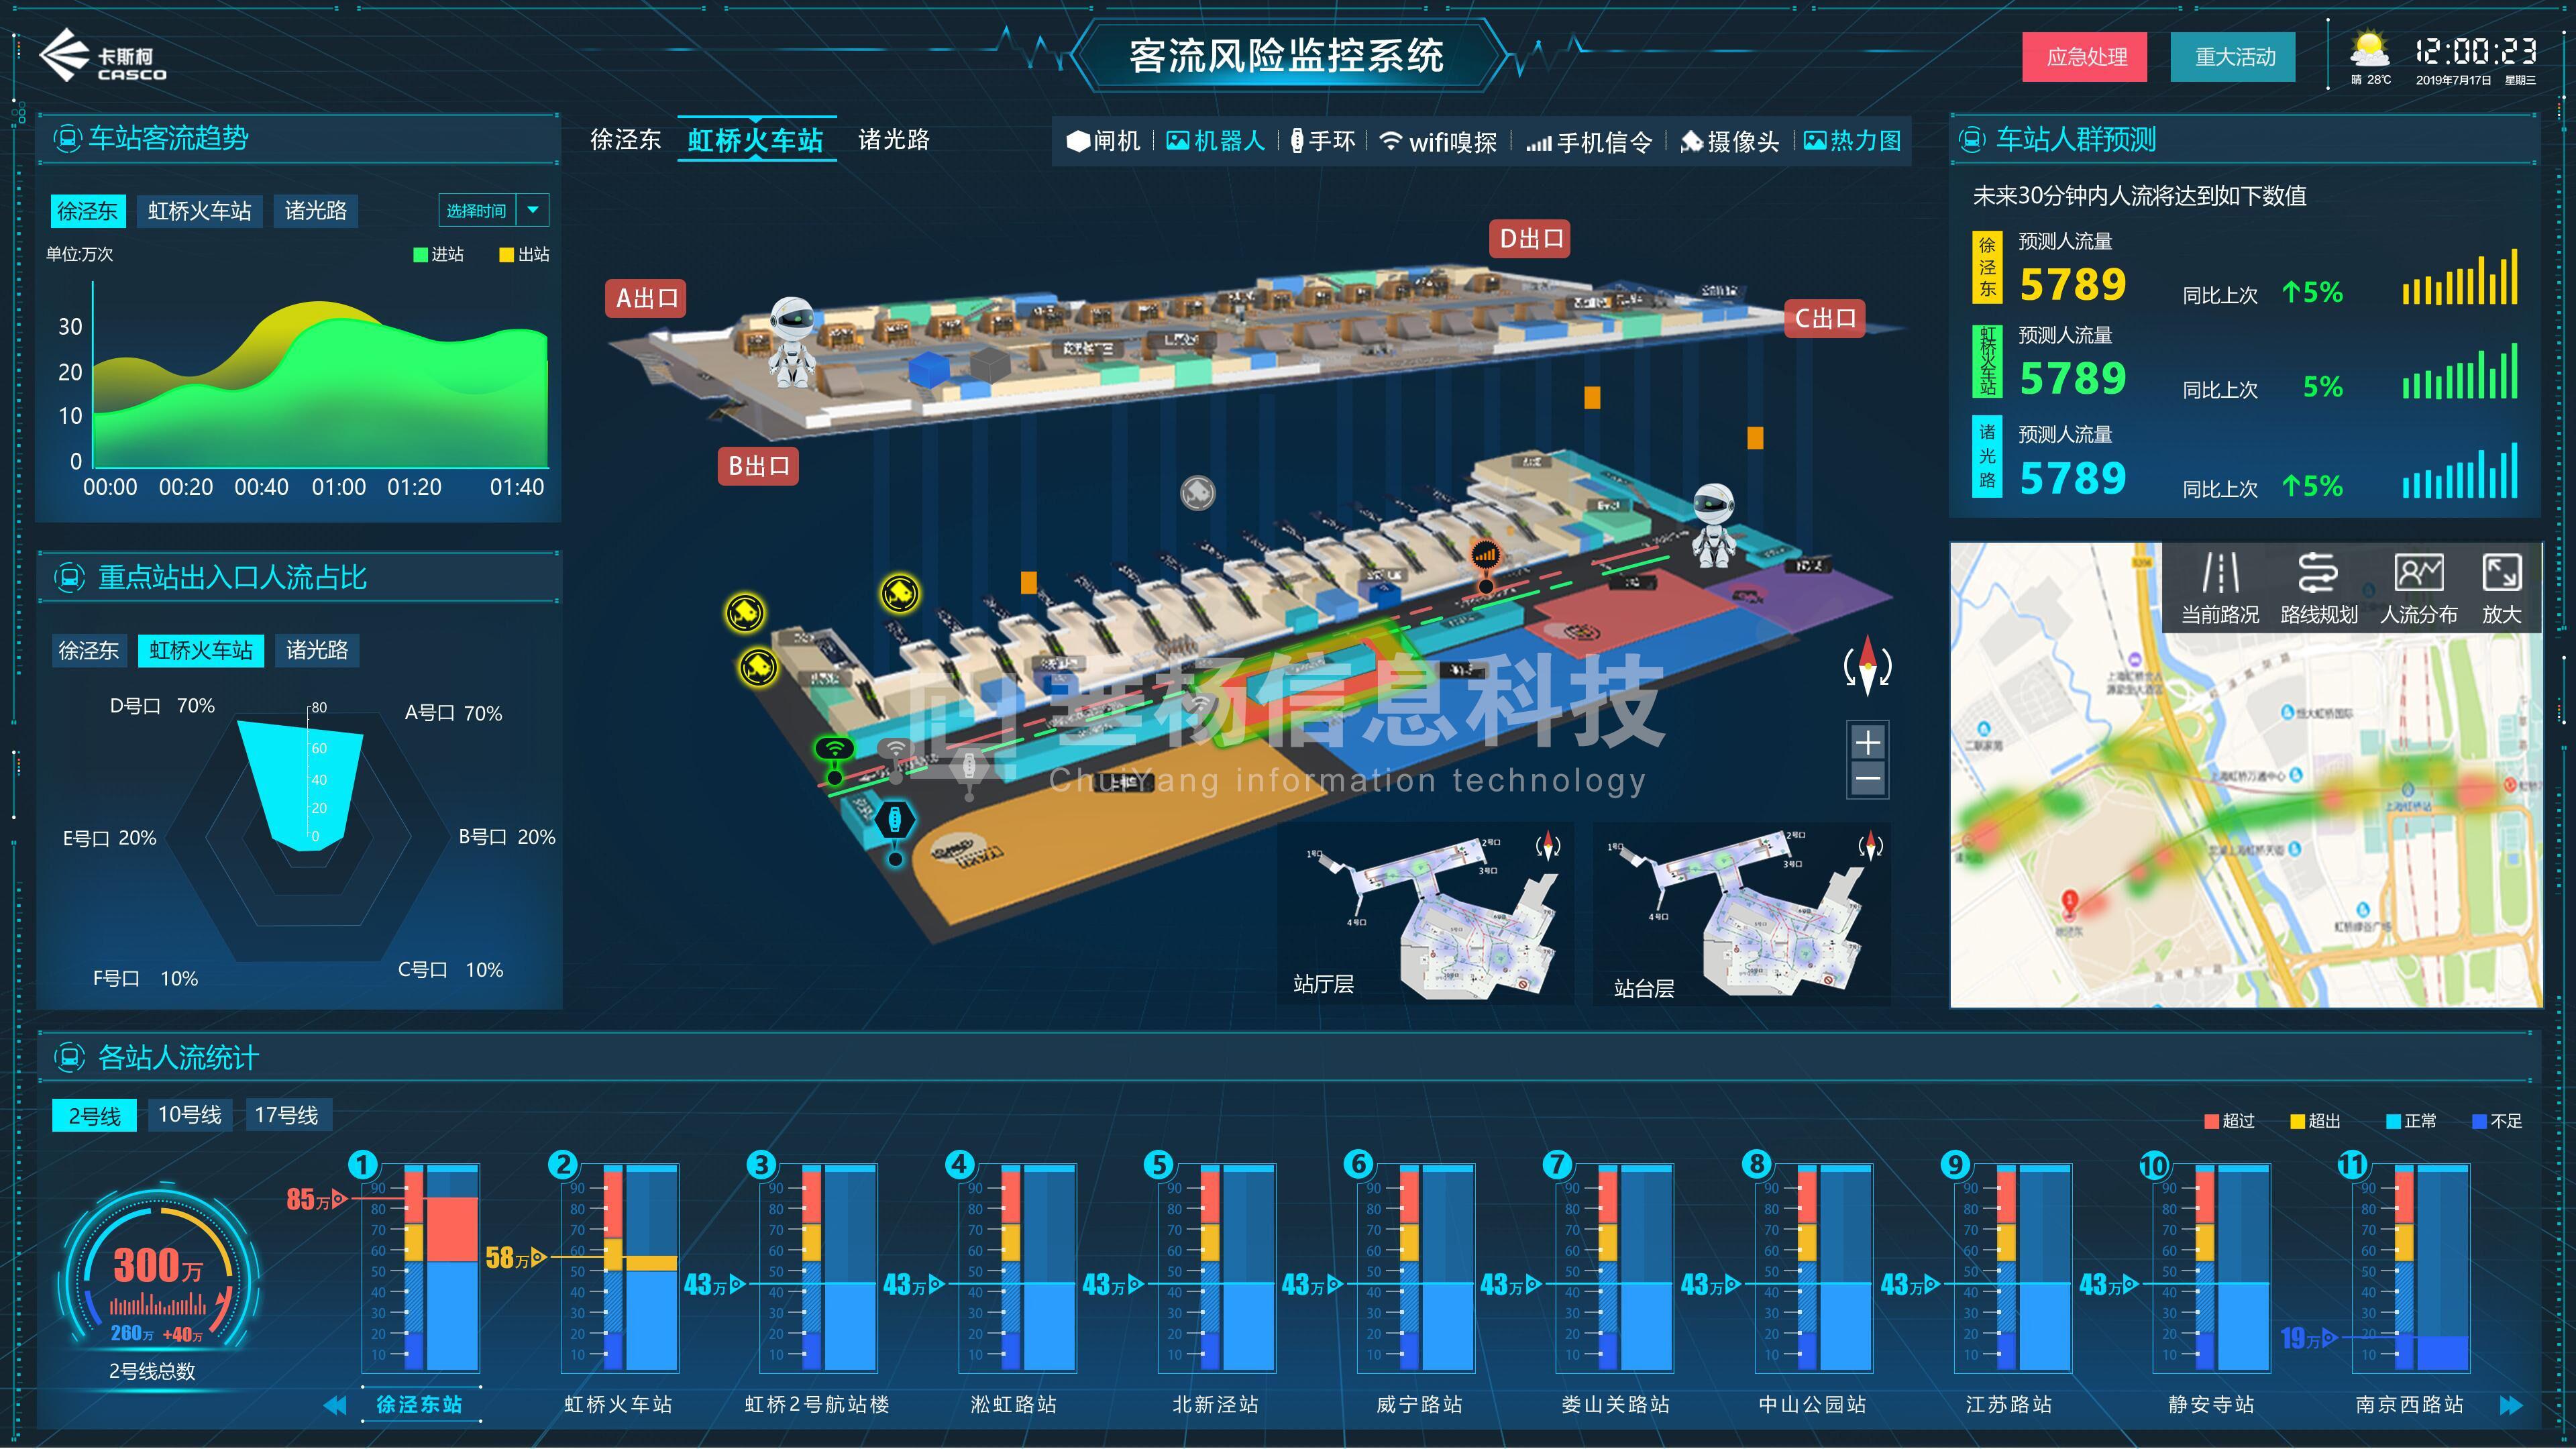 BIM运维 三维可视化 智慧机场 智慧安防 智慧管廊